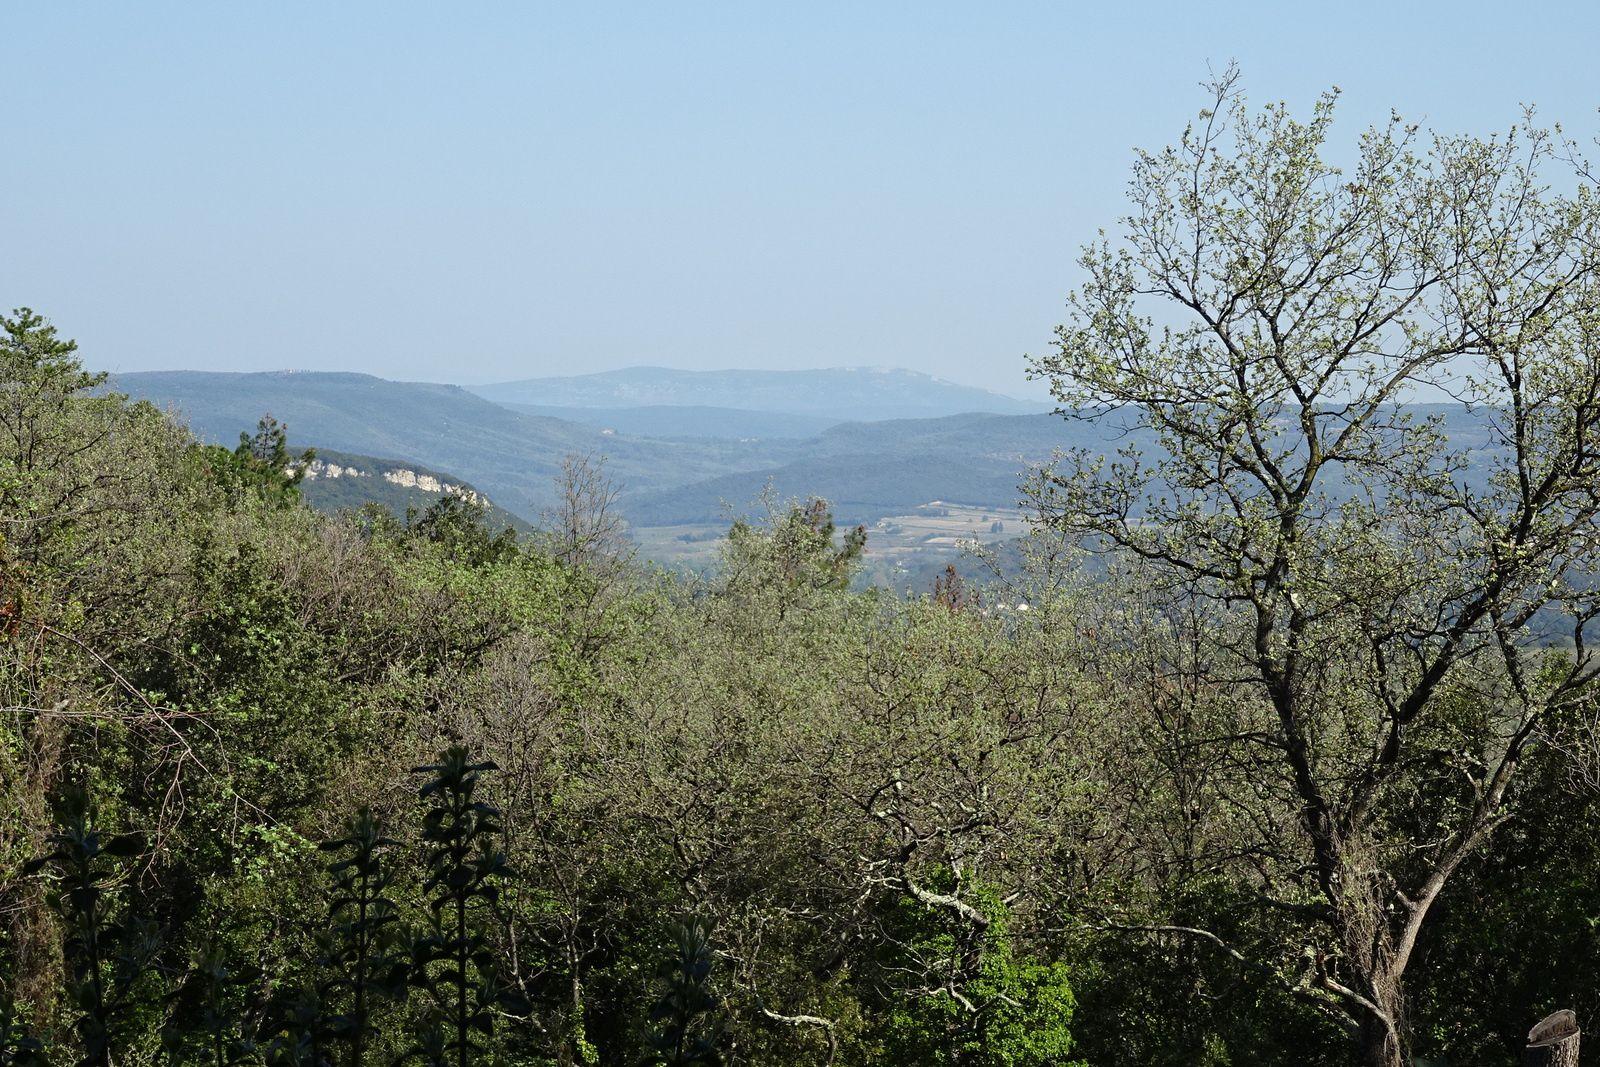 On tournicote dans le massif, c'est moins technique que la veille et moins joli aussi.